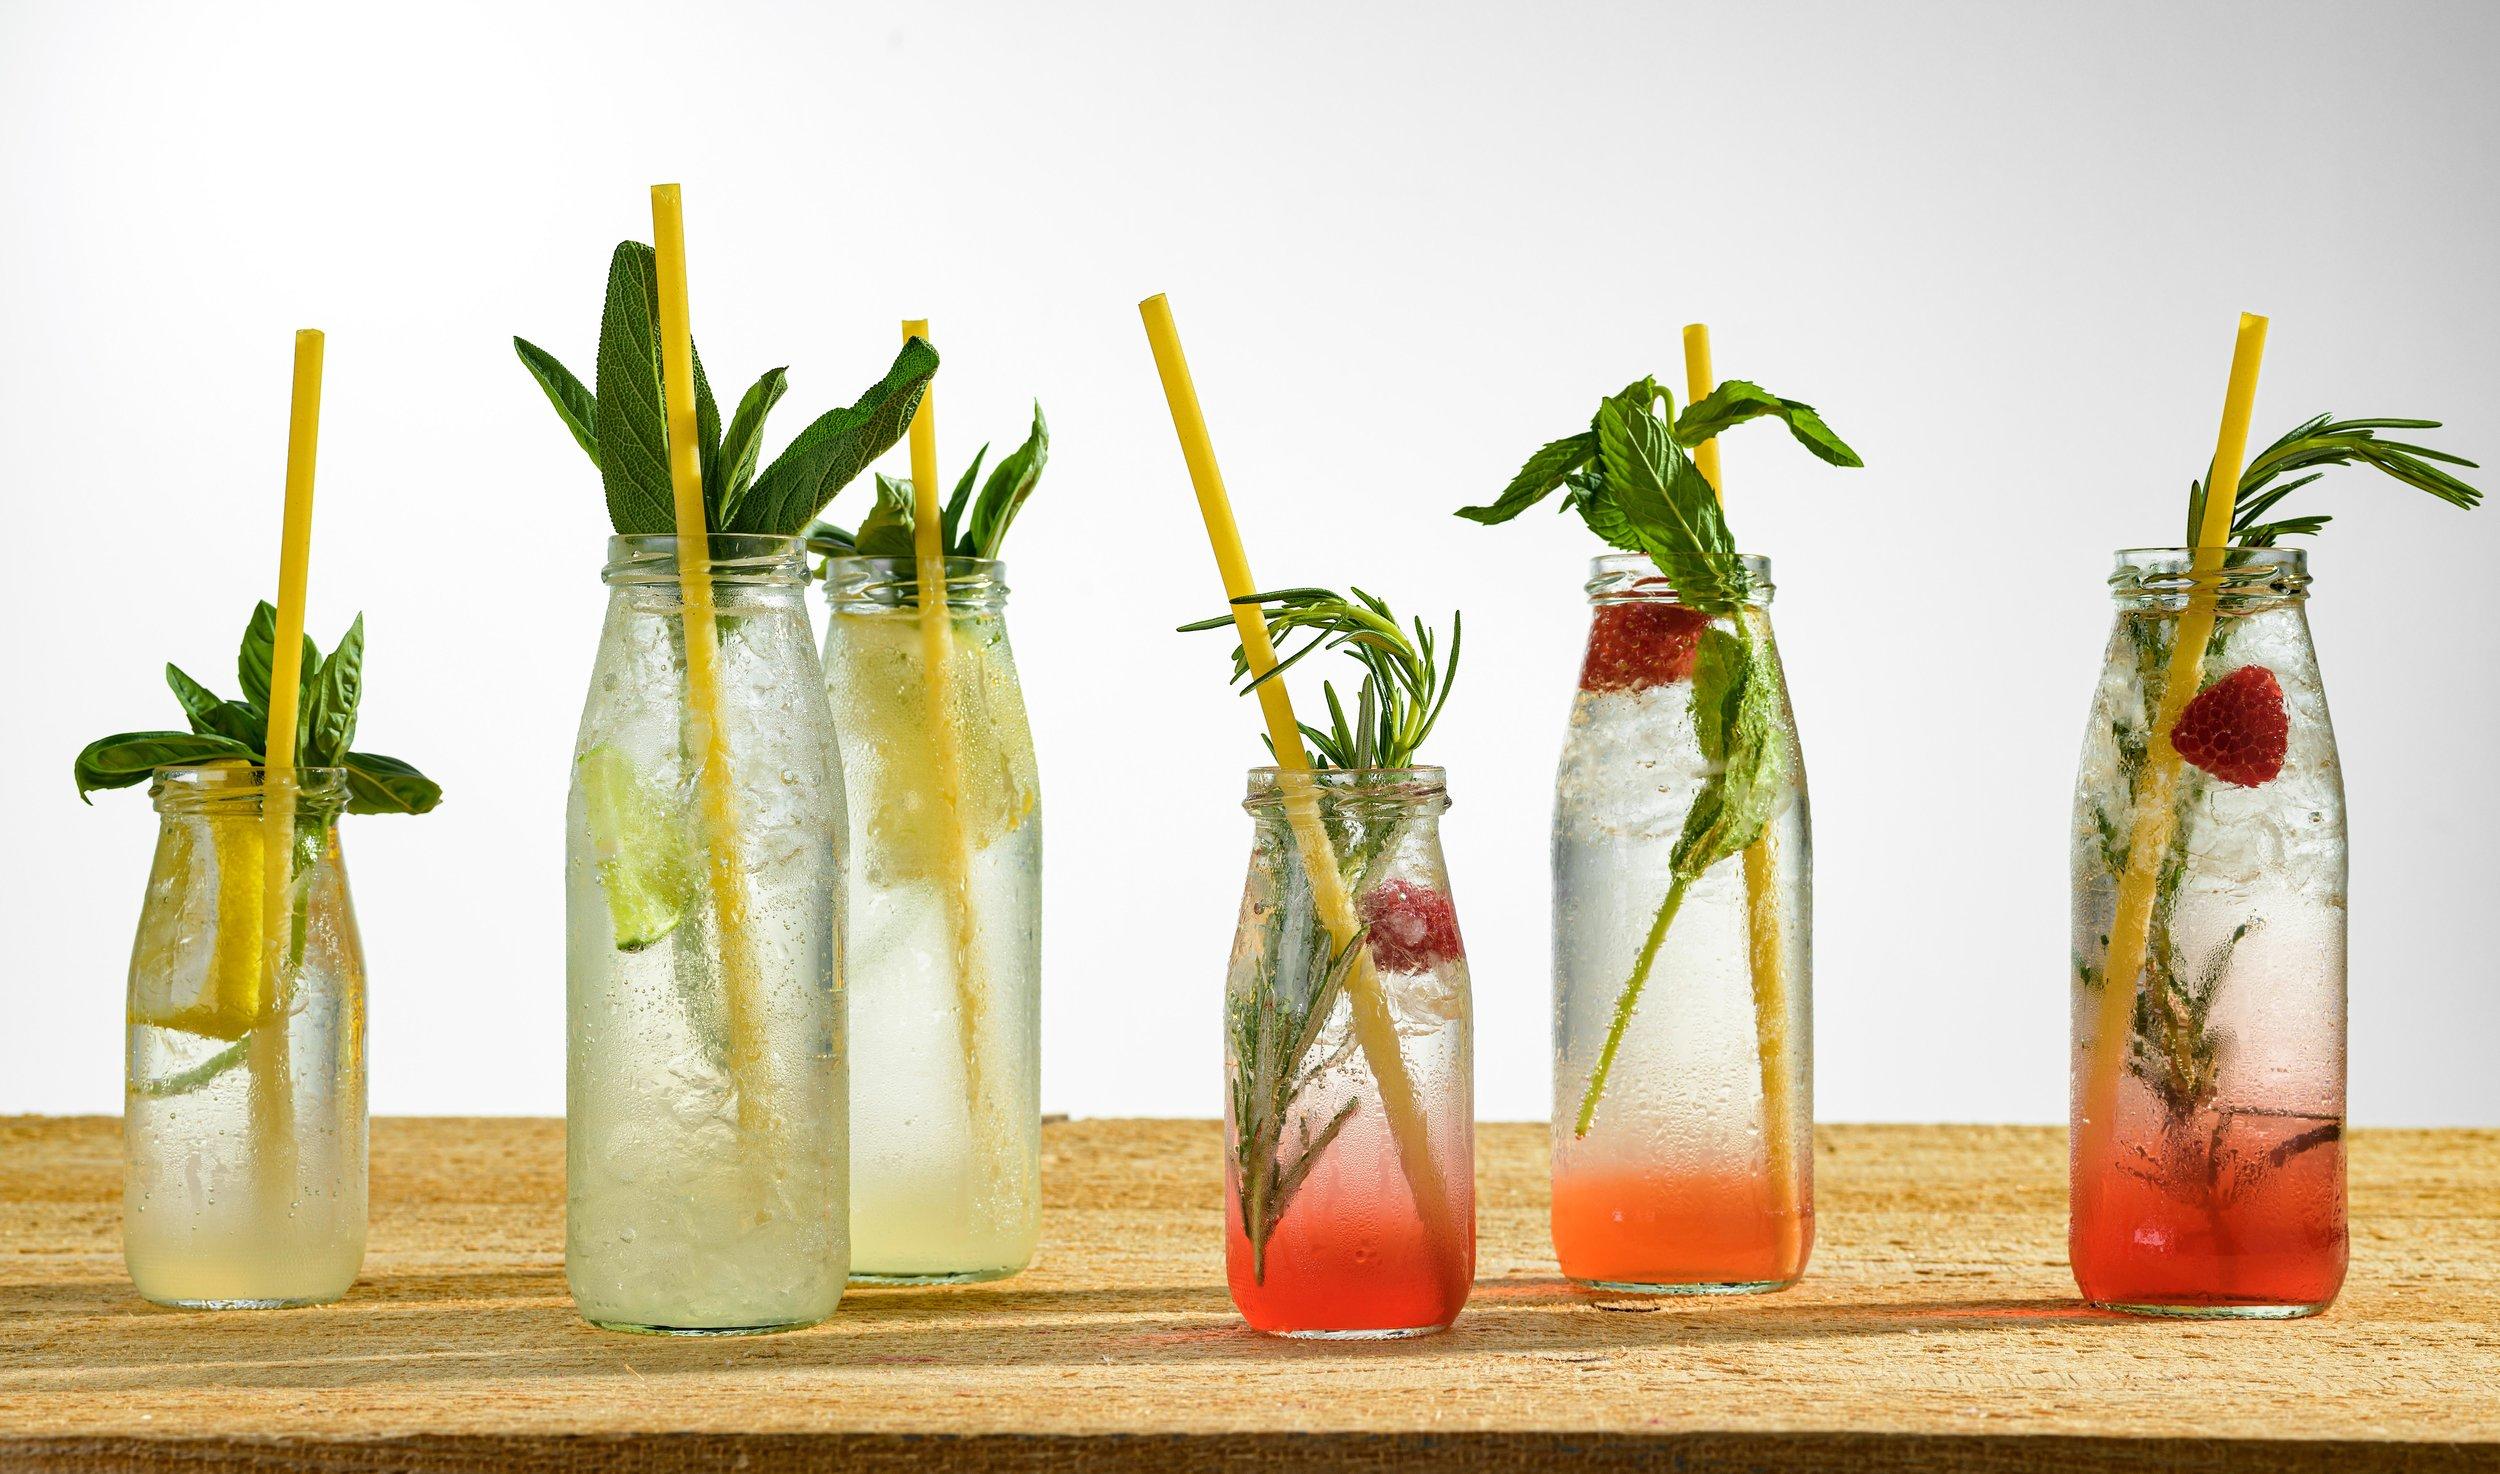 option III - SektempfangDie Party ist schon durchgeplant, du hast unsere Getränke Kreationen erst jetzt entdeckt? Schade.Wir wär's mit einem Sektempfang im Stiege-Style? Oder unseren Getränken an deiner Bar?Wir kommen mit Barkeepern, unserem Sirup-Sortiment - und allem, was unsere Drinks so besonders macht.___________________Empfohlen ab 25 GästenBar/Service Personal2 Sirup-Basen zur AuswahlAnfahrt innerhalb Stuttgart kostenfreipreise auf anfrage